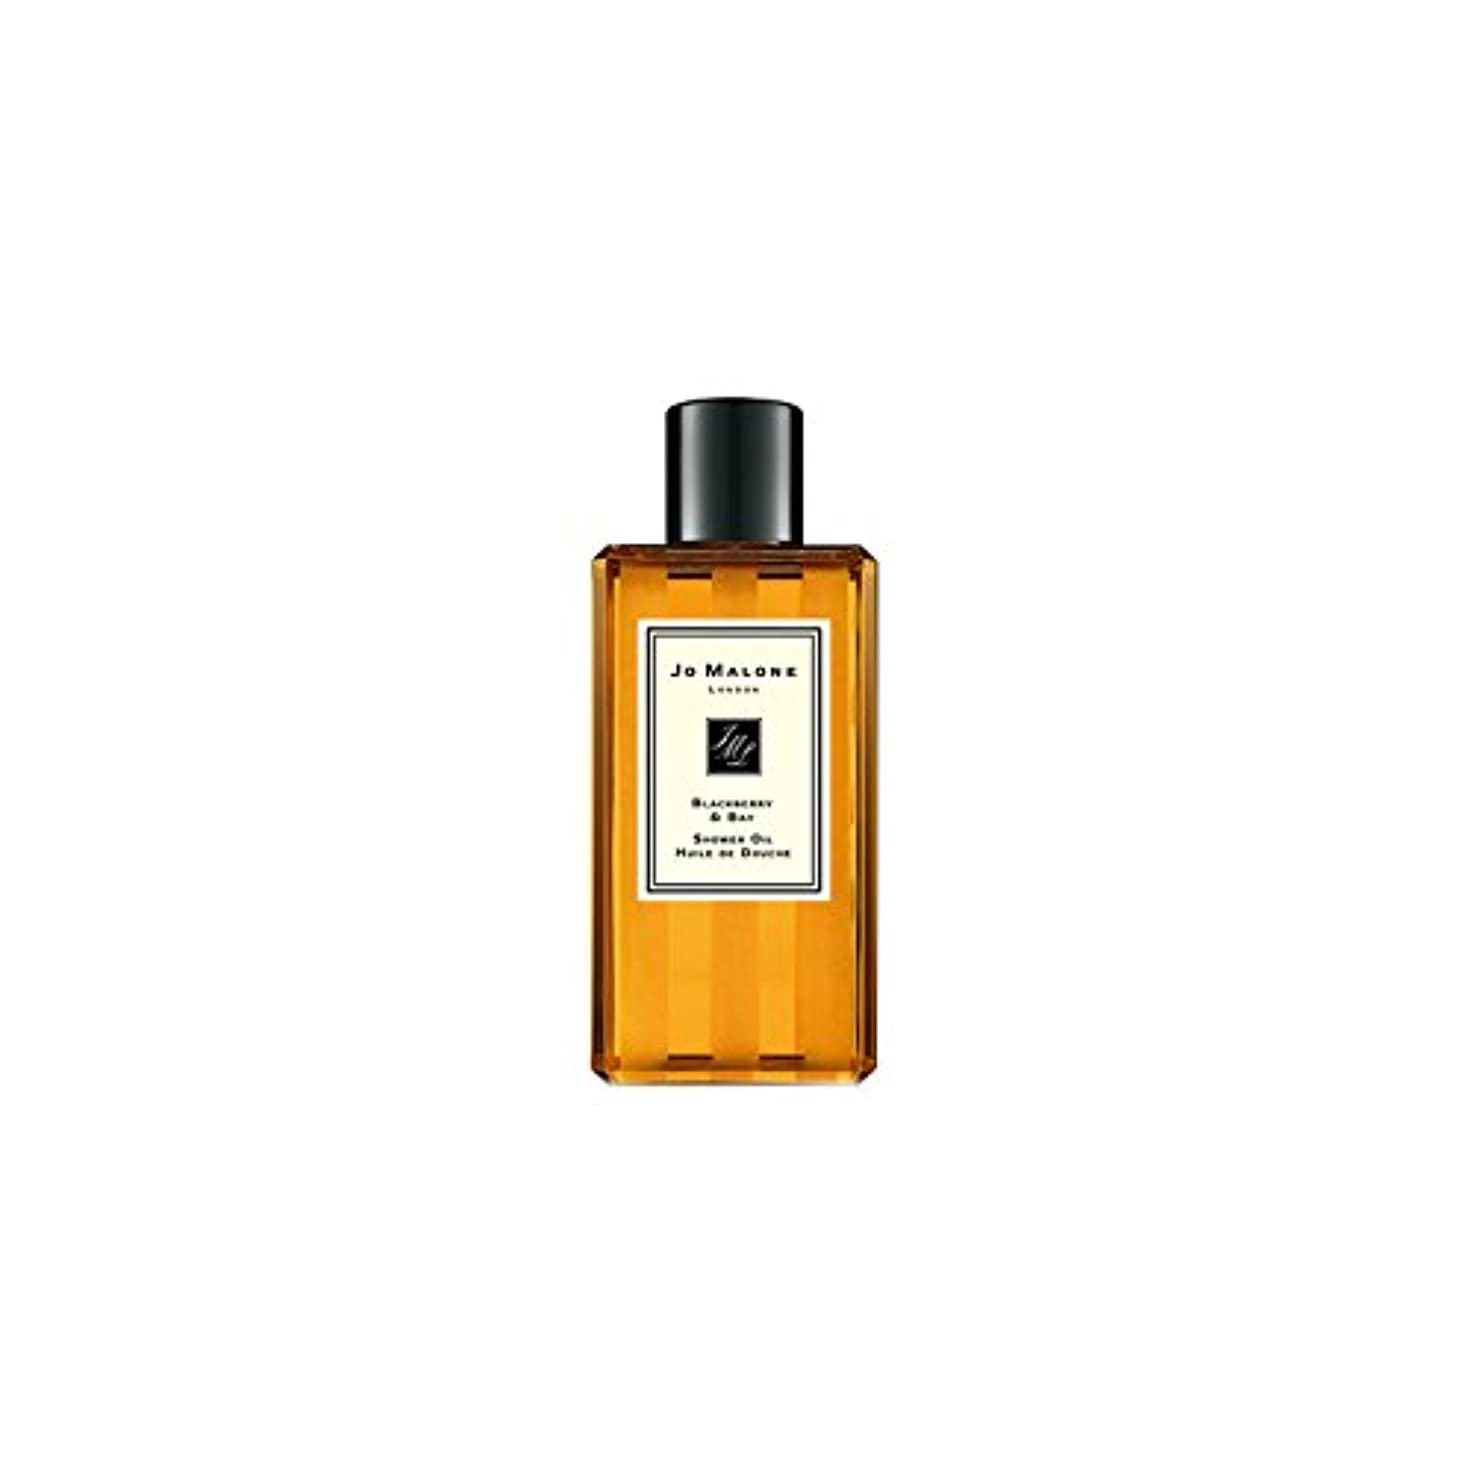 エジプト人沿って誤解Jo Malone Blackberry & Bay Shower Oil - 250ml (Pack of 2) - ジョーマローンブラックベリー&ベイシャワーオイル - 250ミリリットル (x2) [並行輸入品]